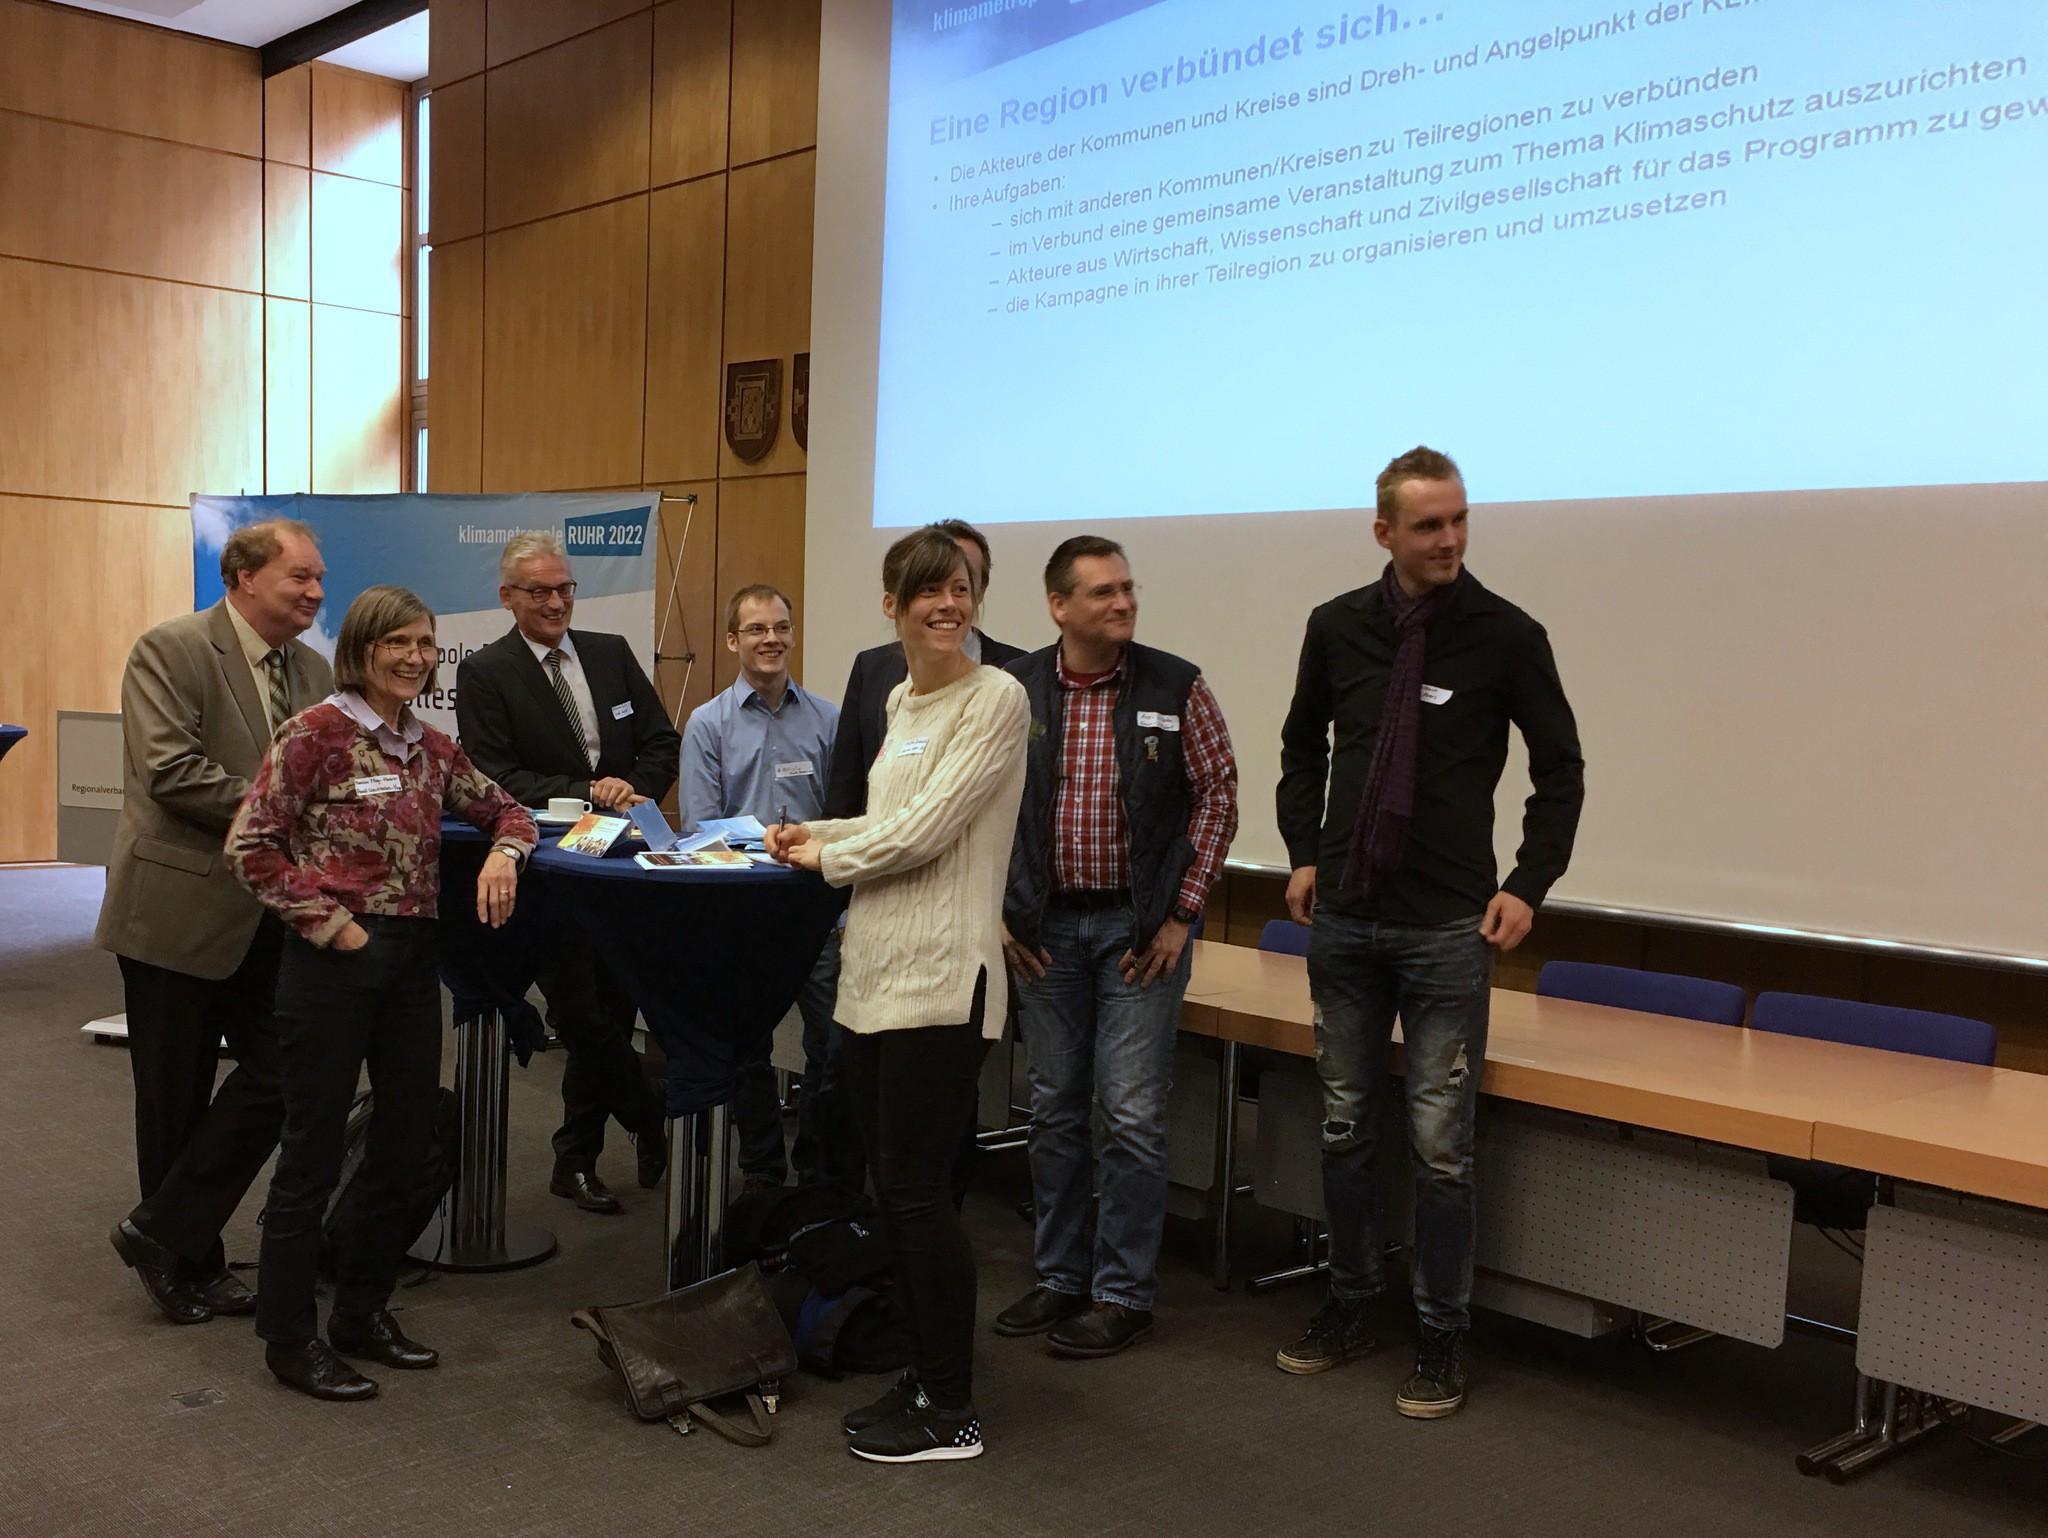 Die Vertreter vom rechts- und linksrheinischen Kreis Wesel verbünden sind spontan.